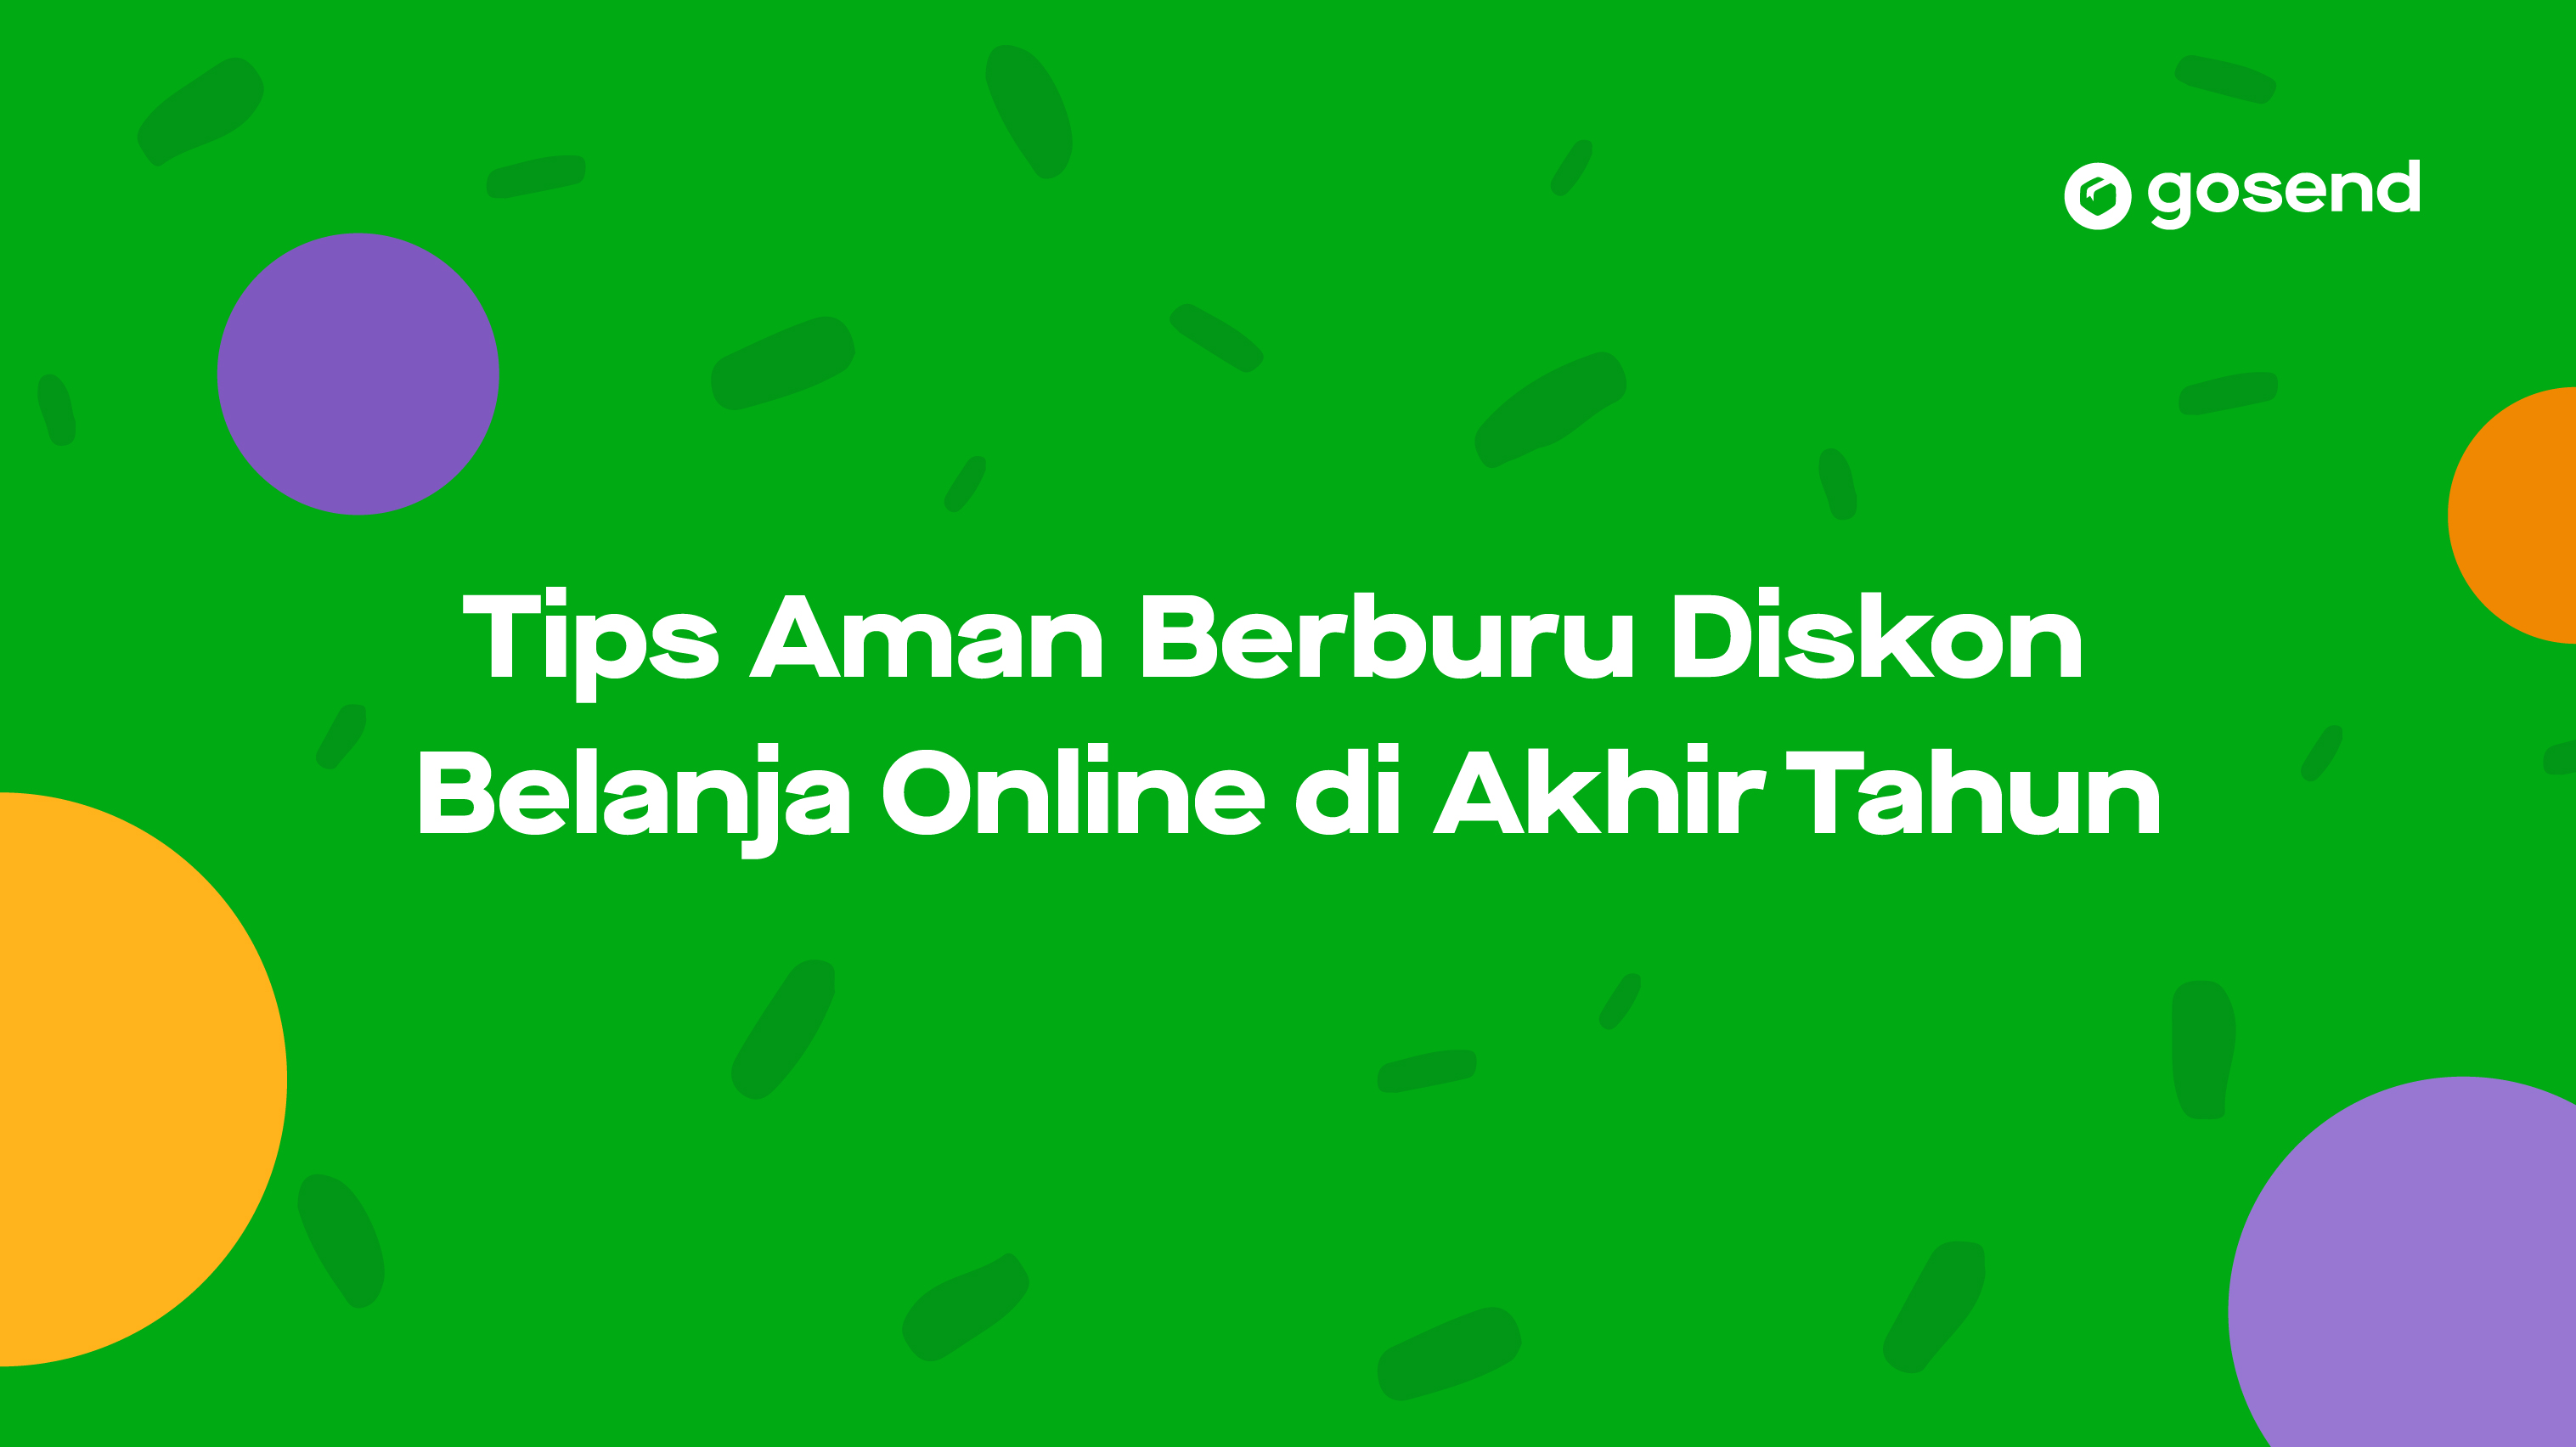 Tips Aman Berburu Diskon Belanja Online Di Akhir Tahun Gosend